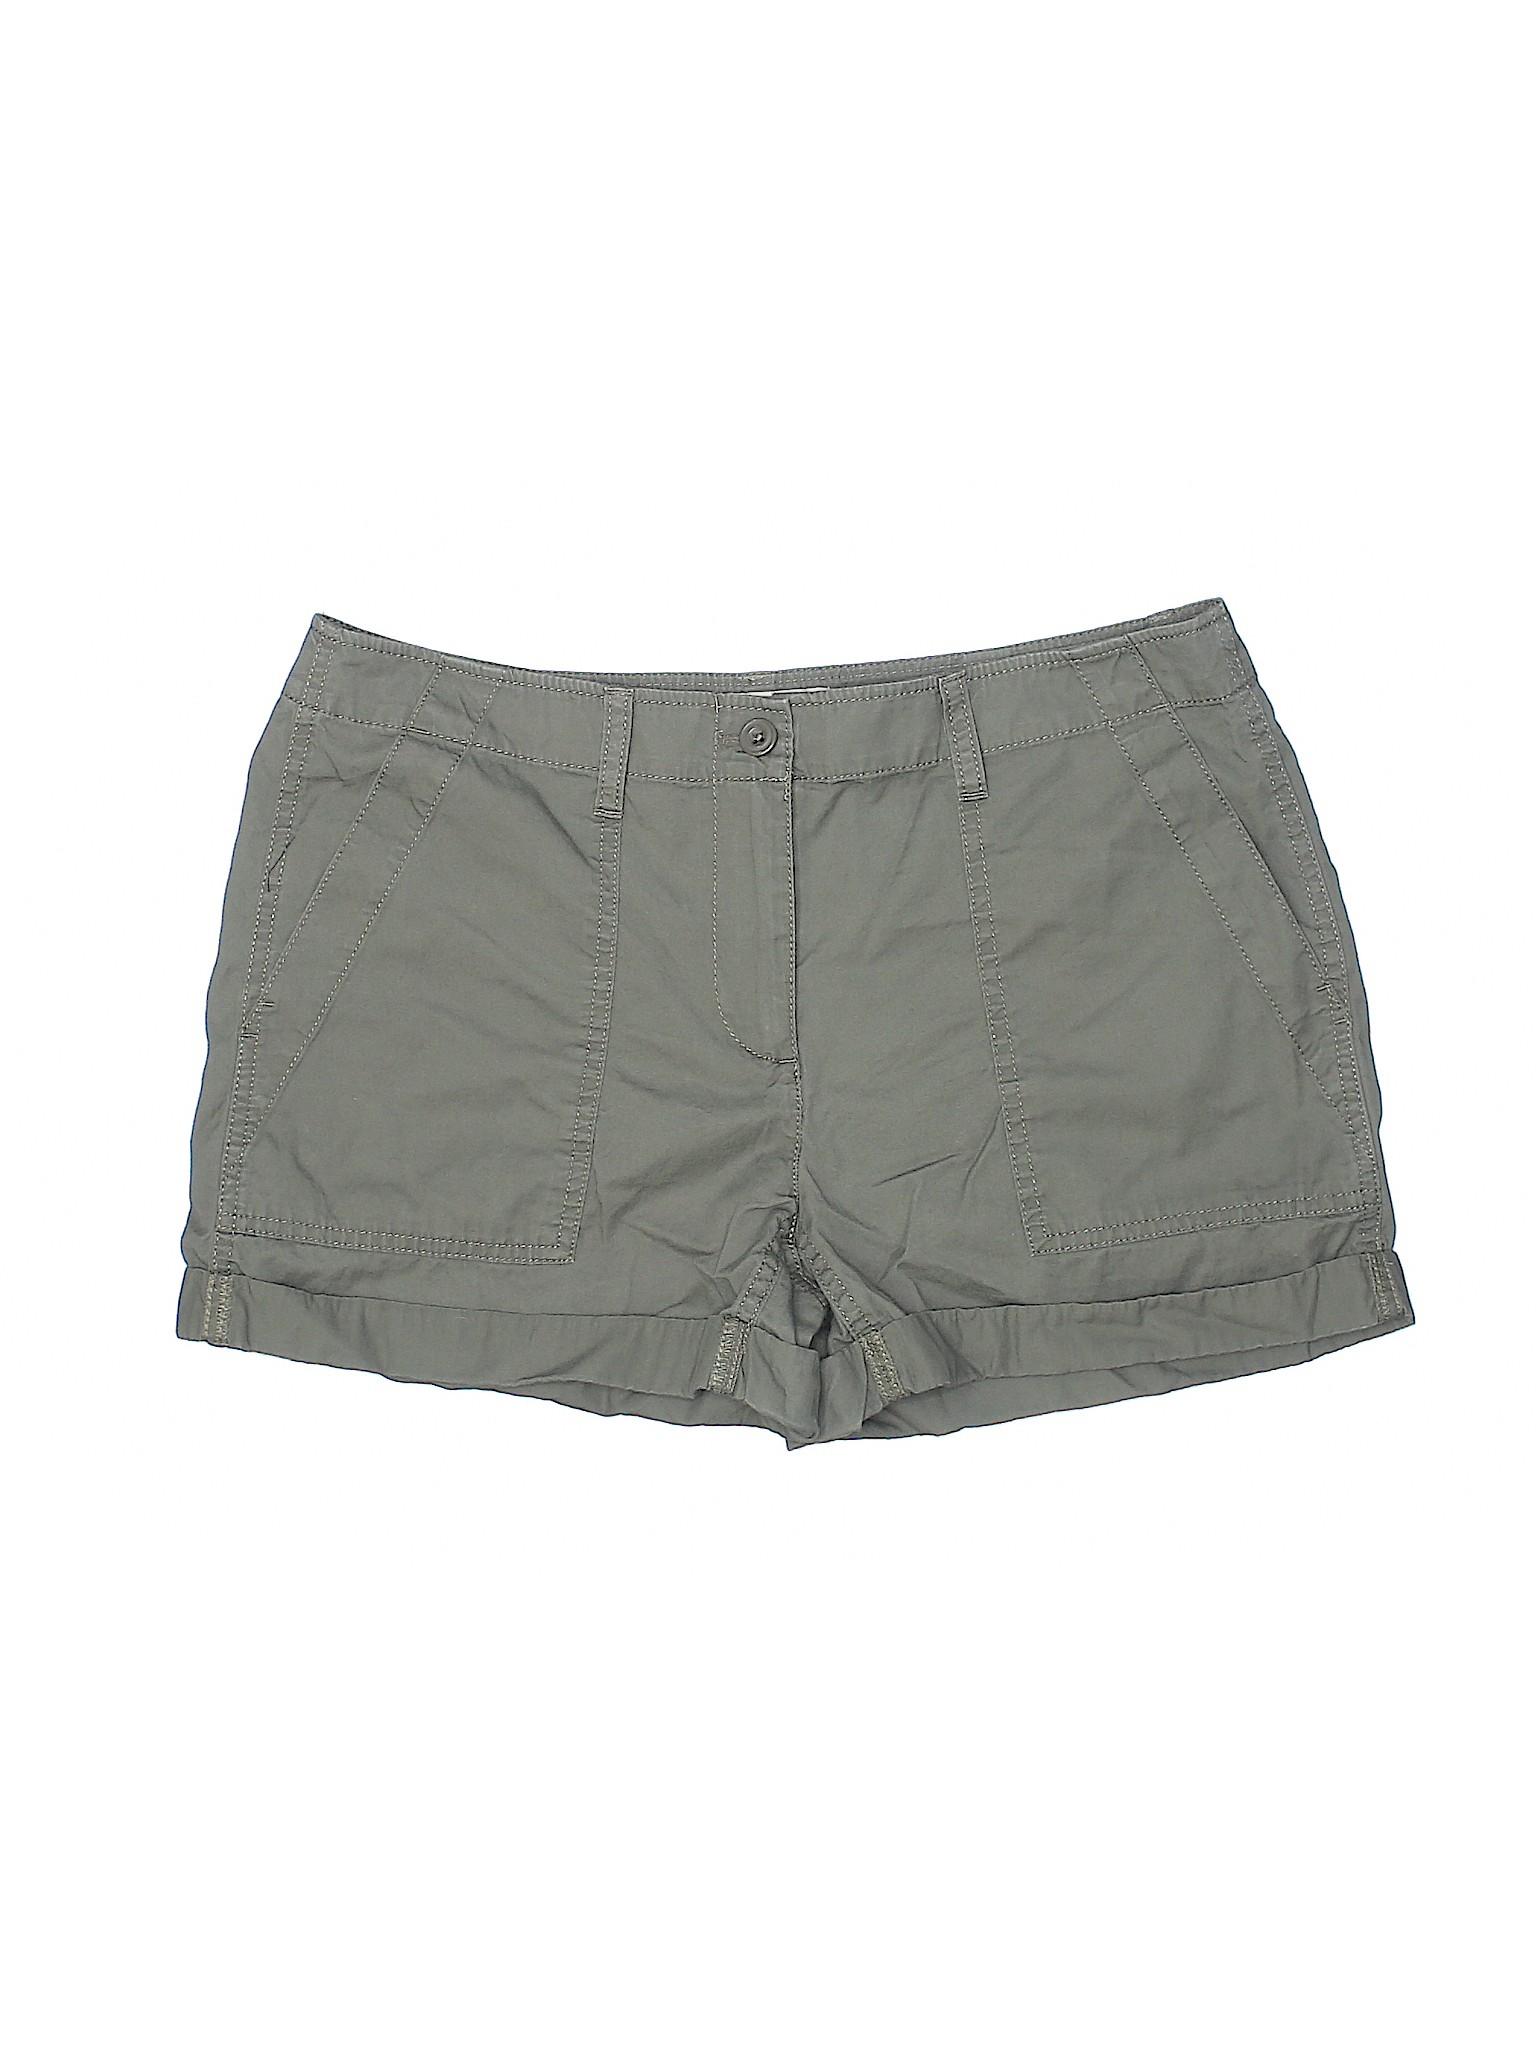 Shorts Taylor Ann Boutique LOFT Outlet wvW4q